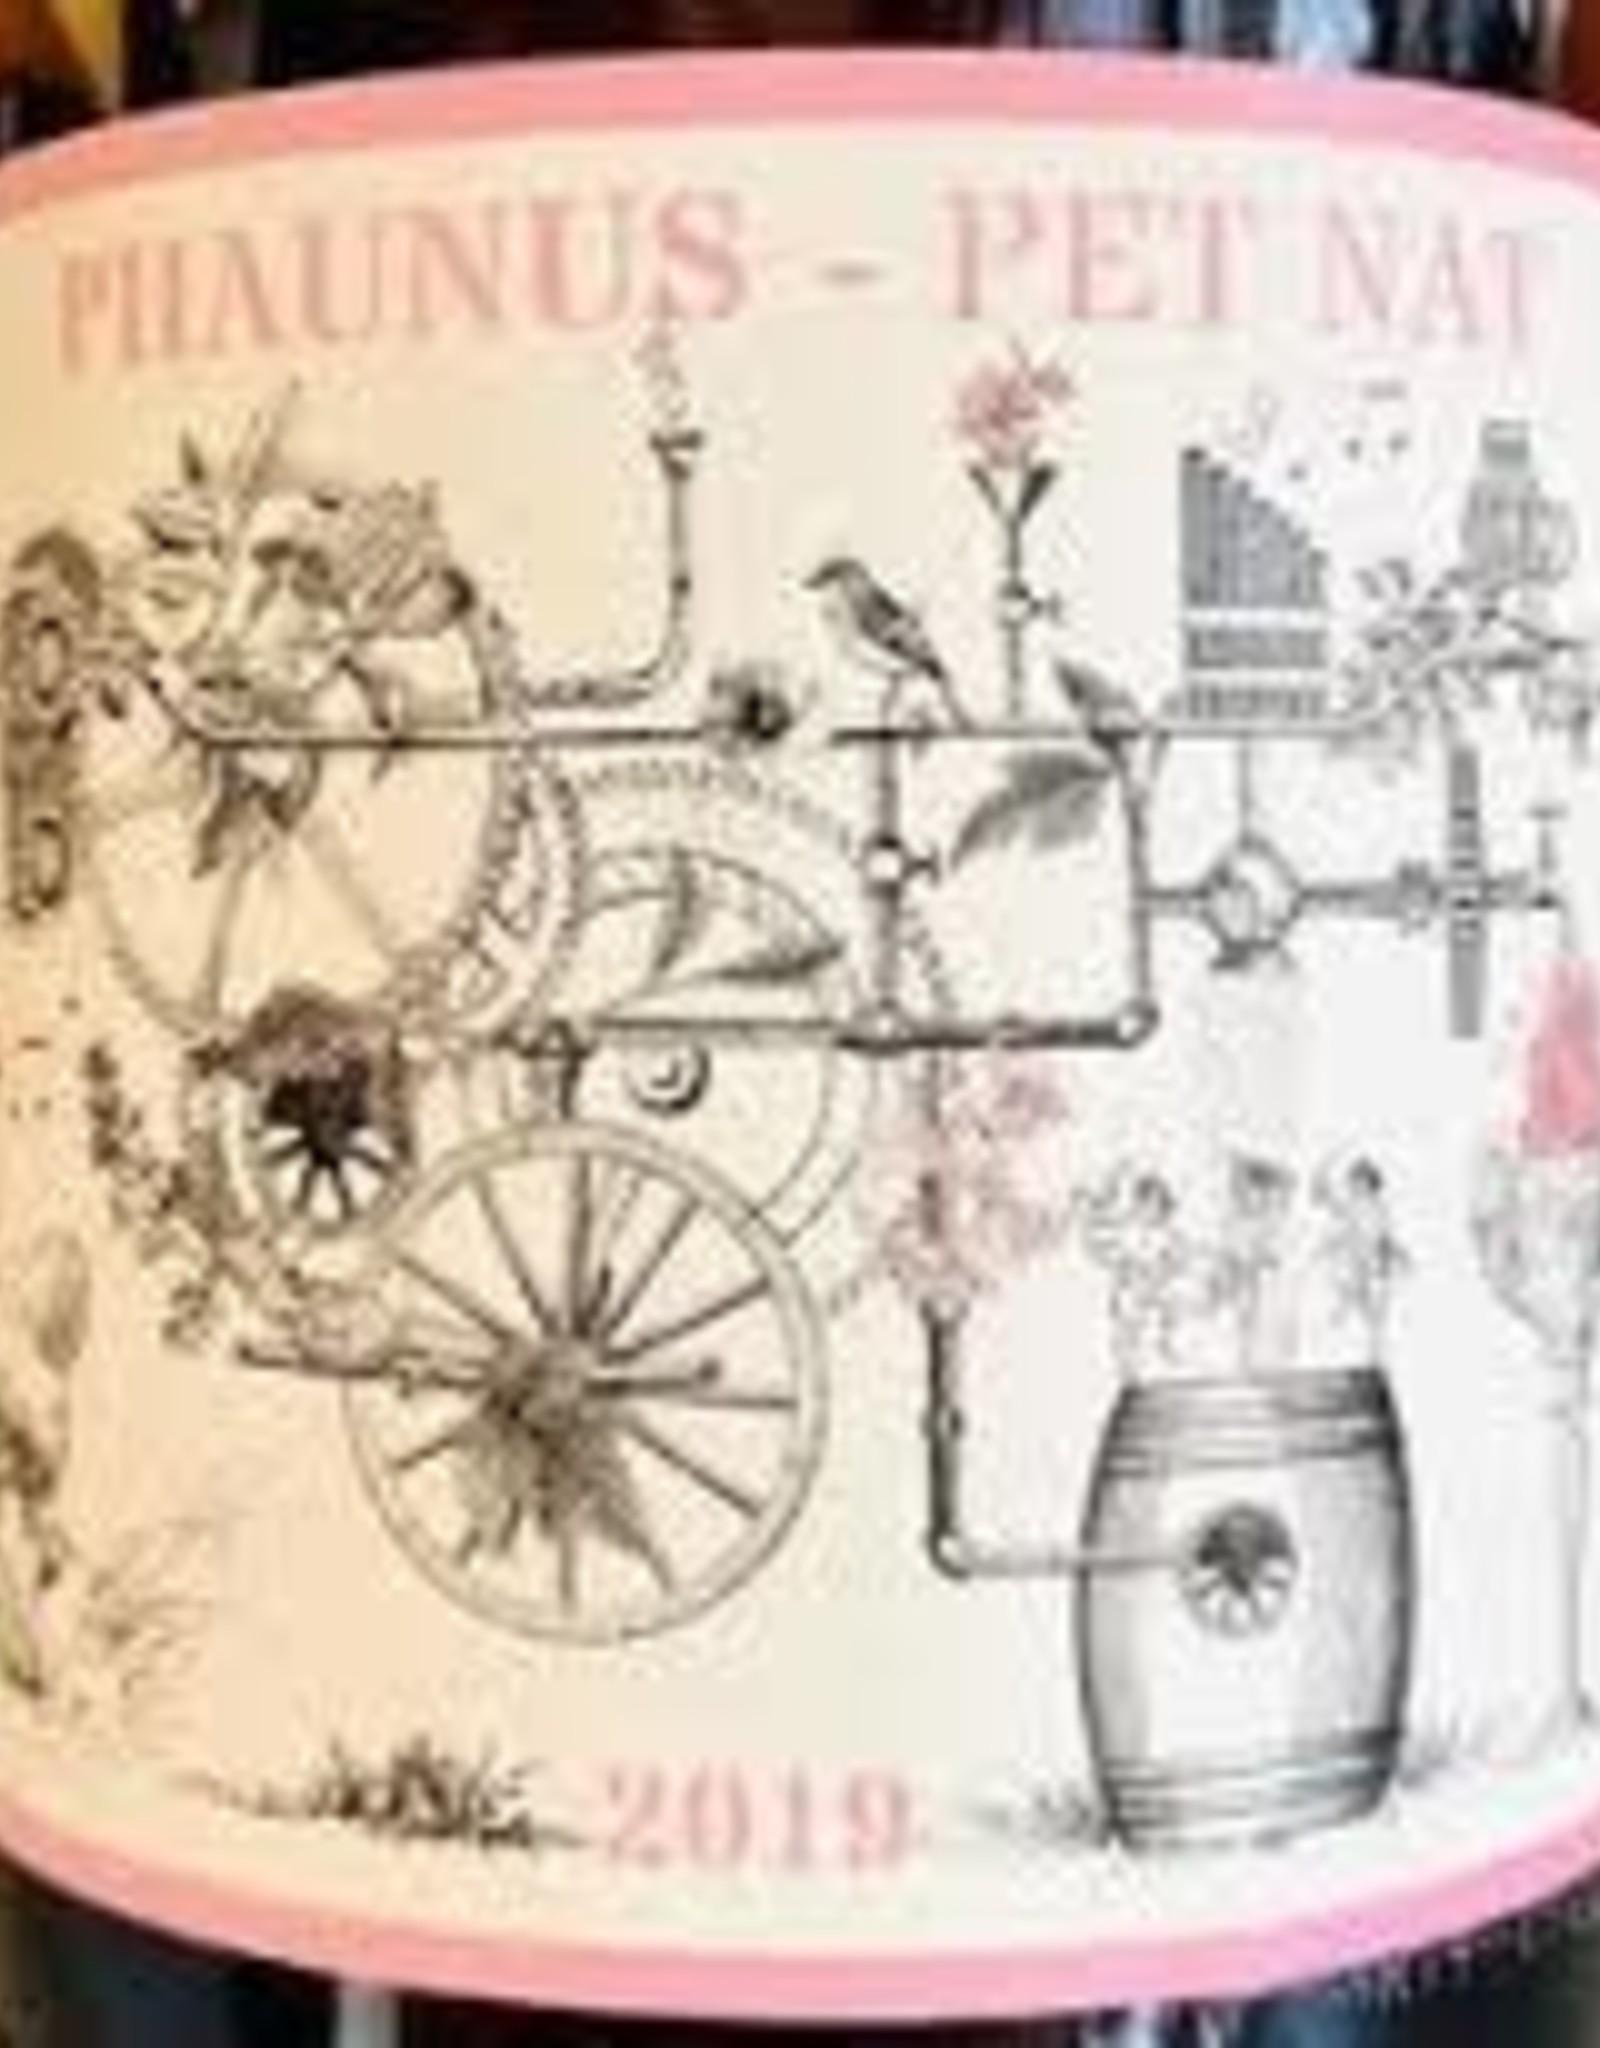 Wine-Rose-Sparkling Pet Nat Rose, PHAUNUS, Aphros 2019